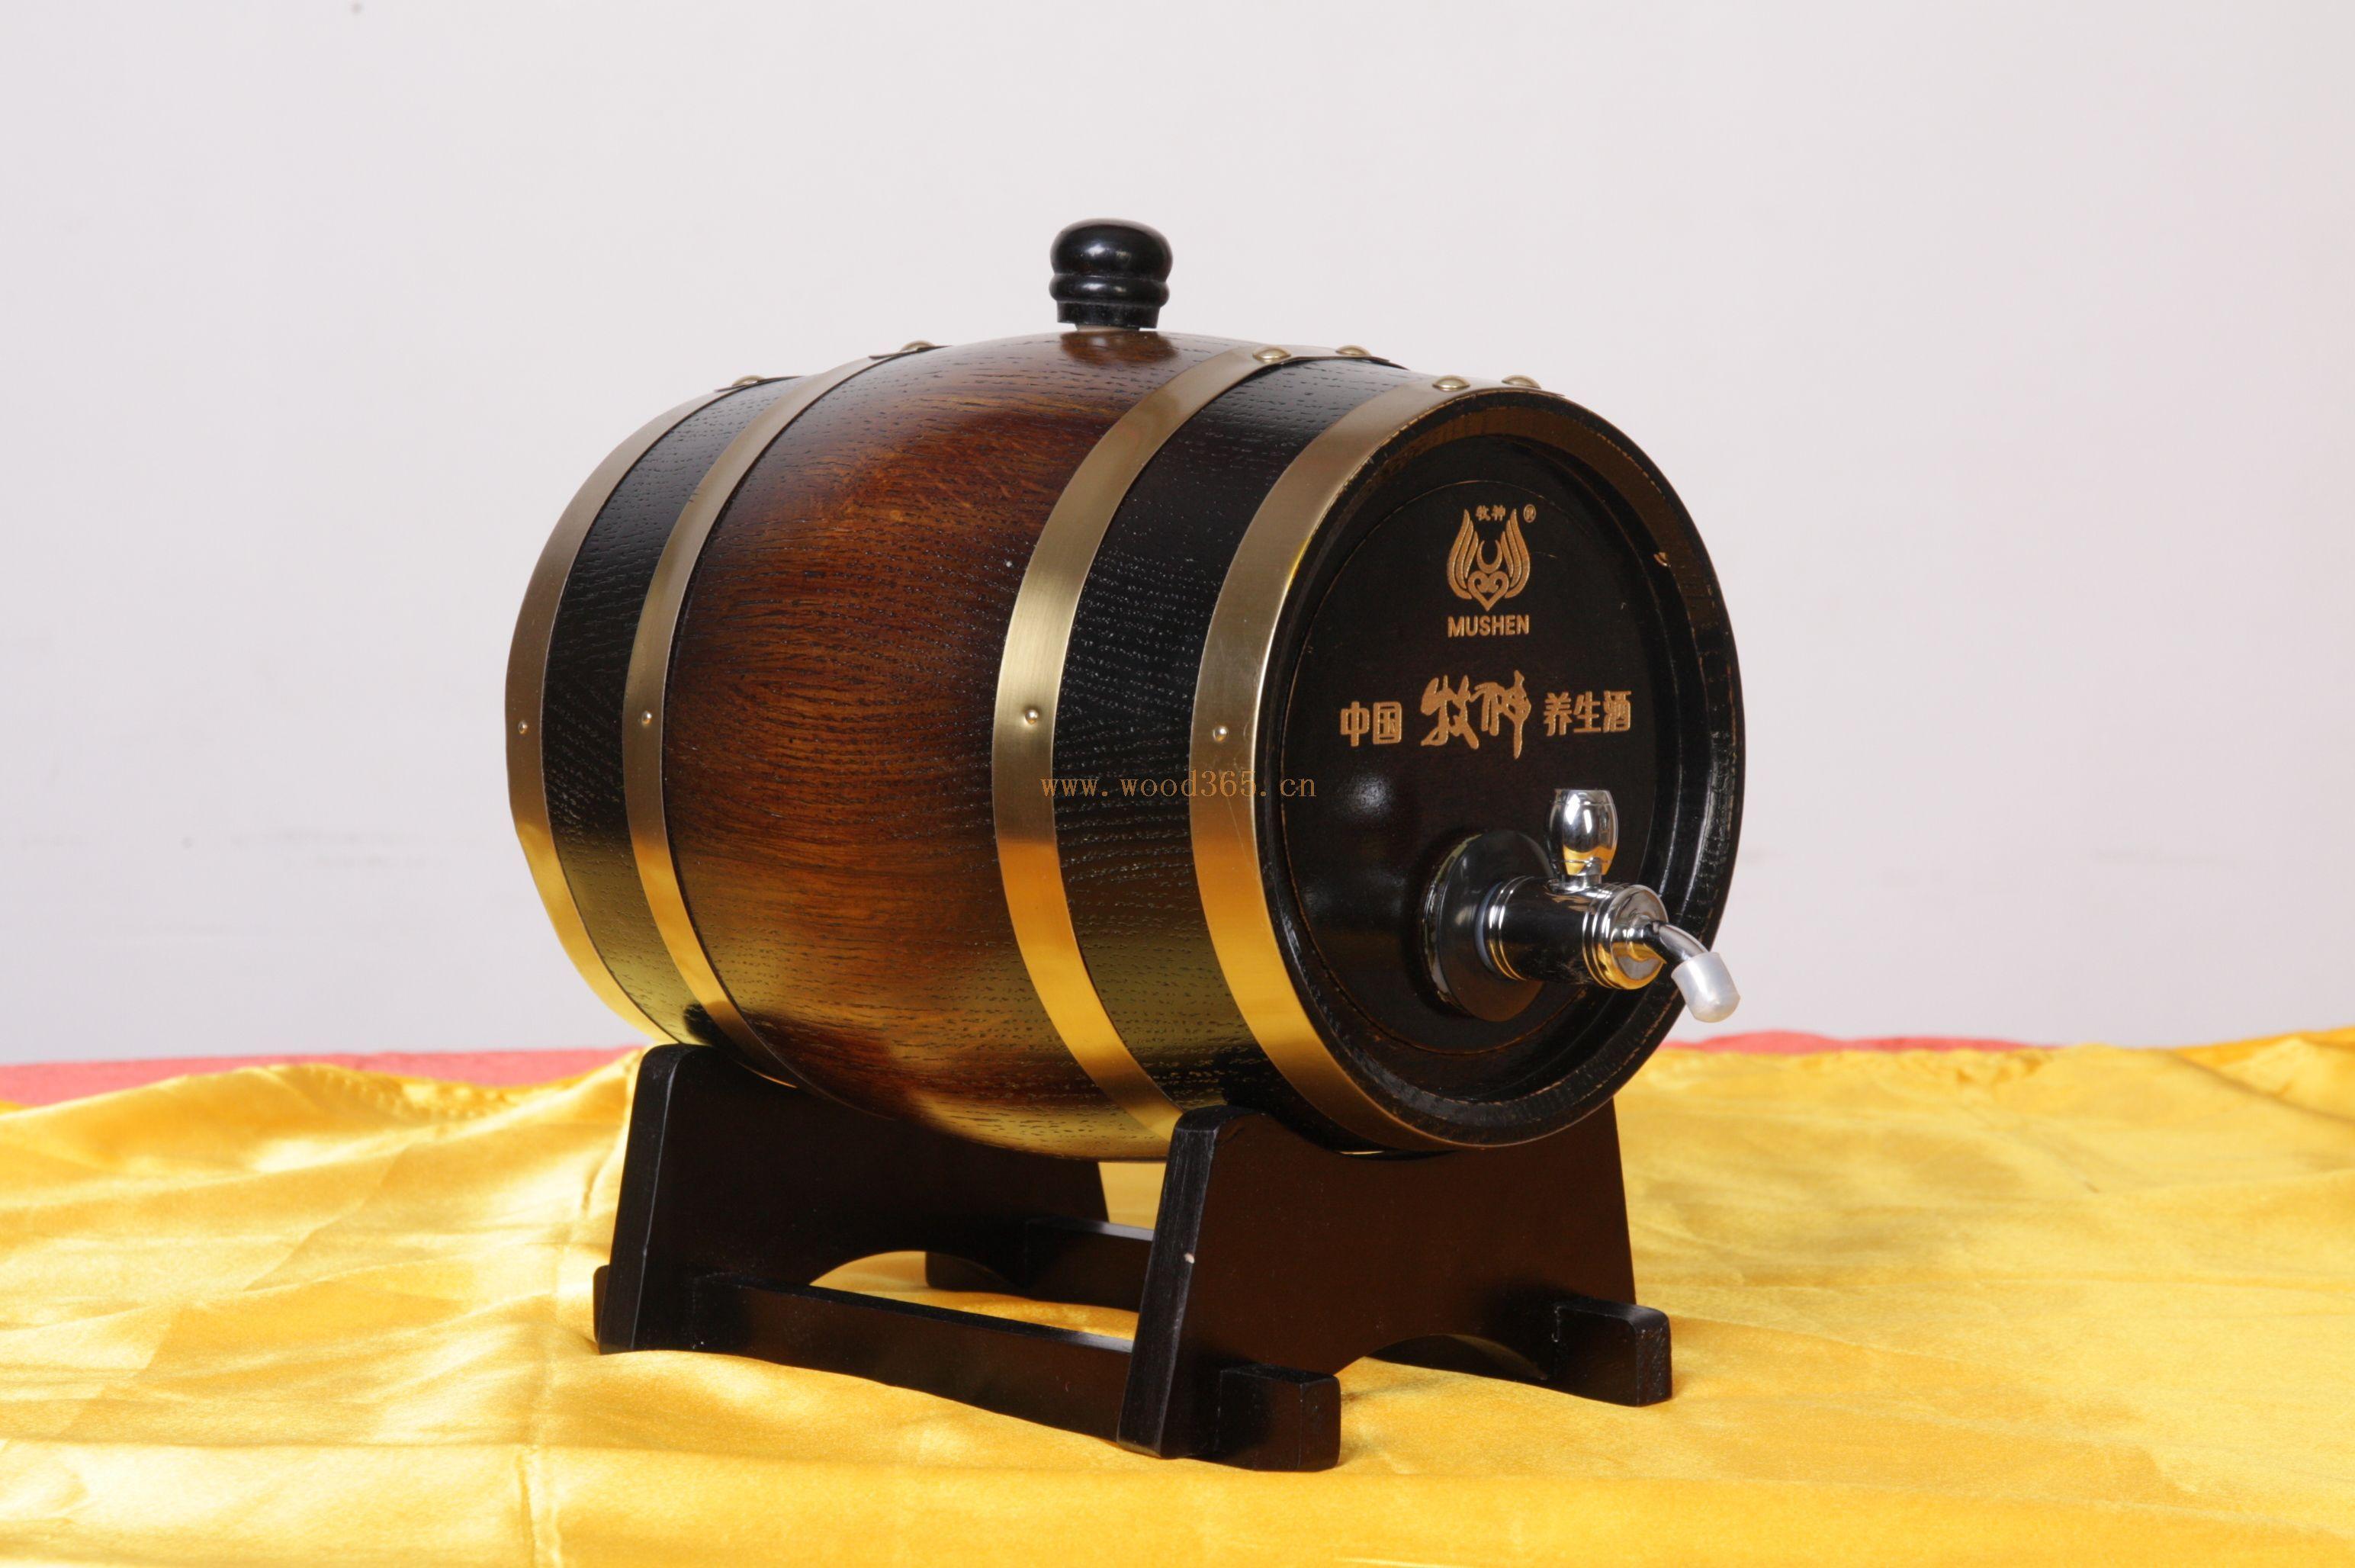 橡木桶,酒桶,木制酒盒